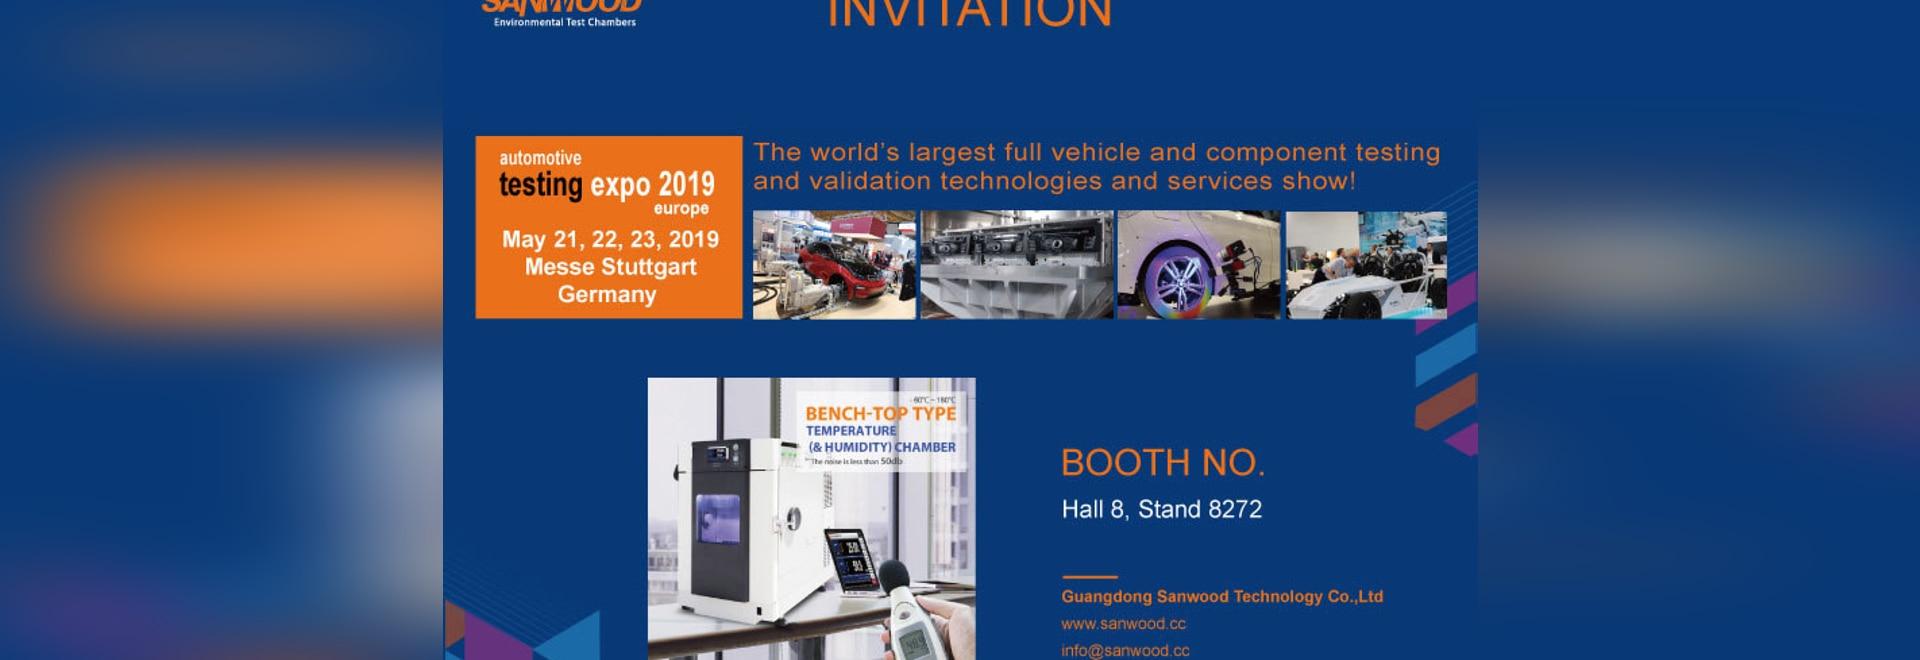 Sanwood Invitation à l'Expo 2019 sur les essais automobiles